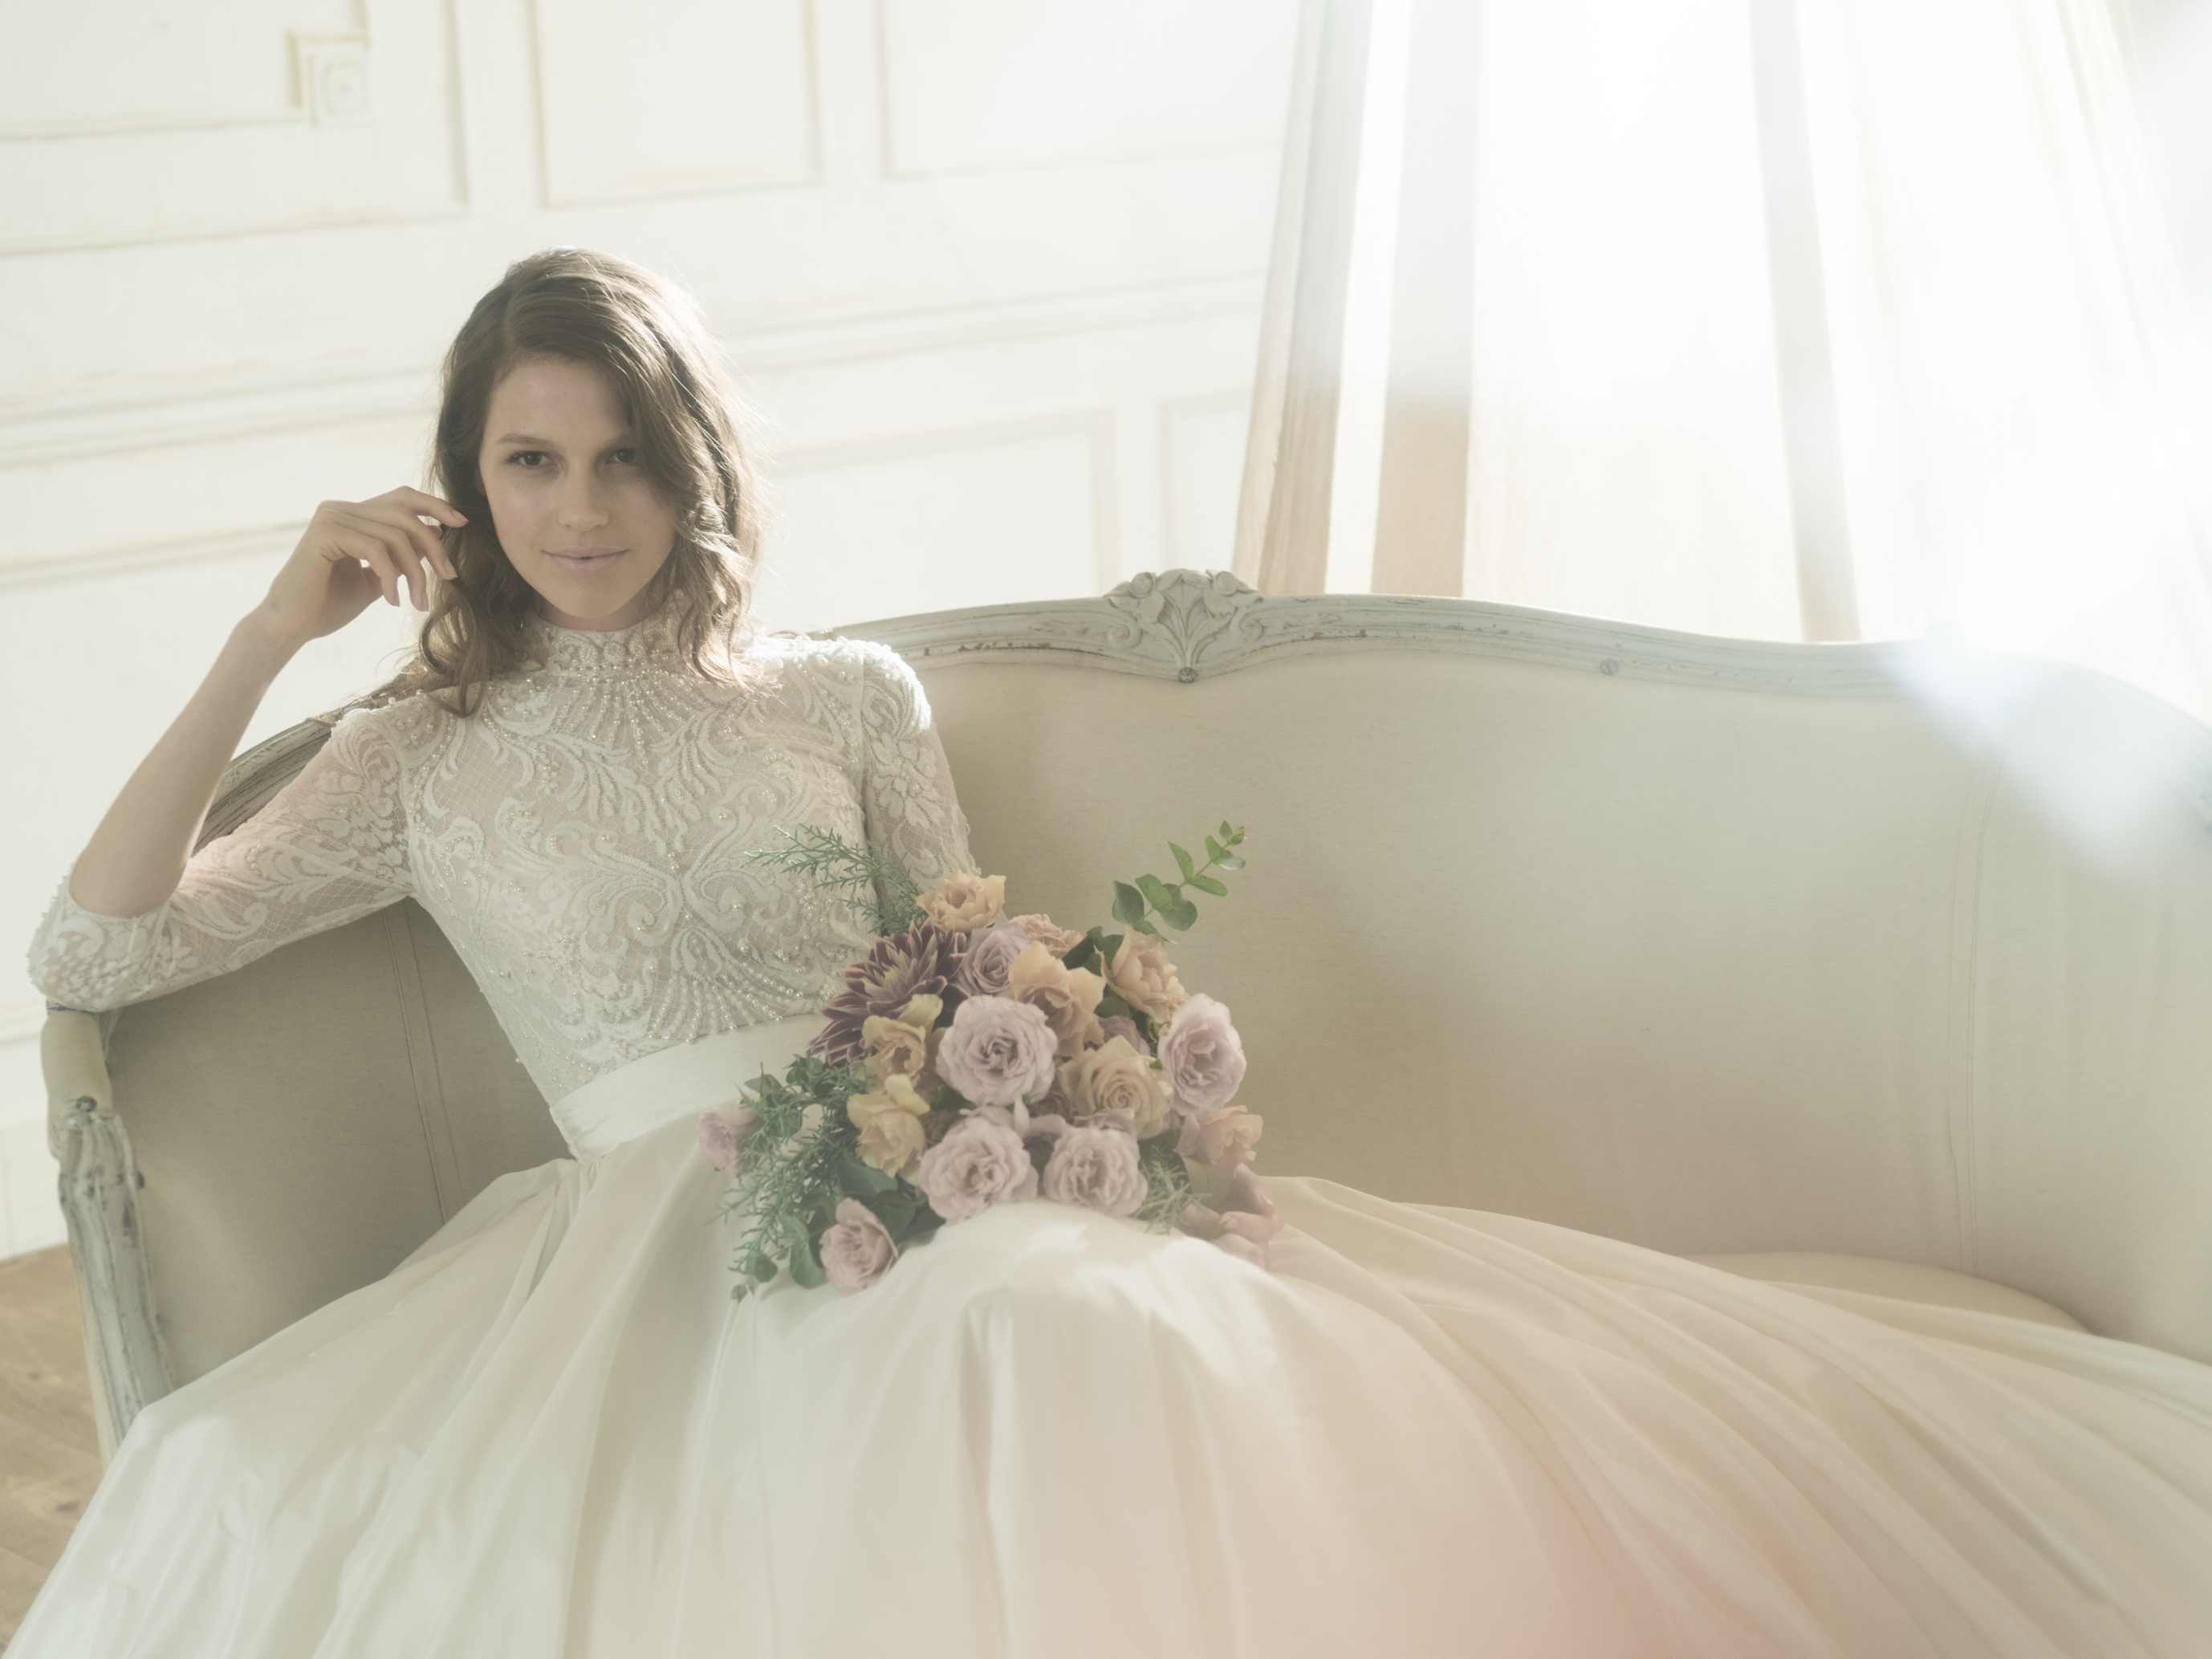 グランマニエのウエディングドレス|長袖のドレス|グランマニエの新作ドレス